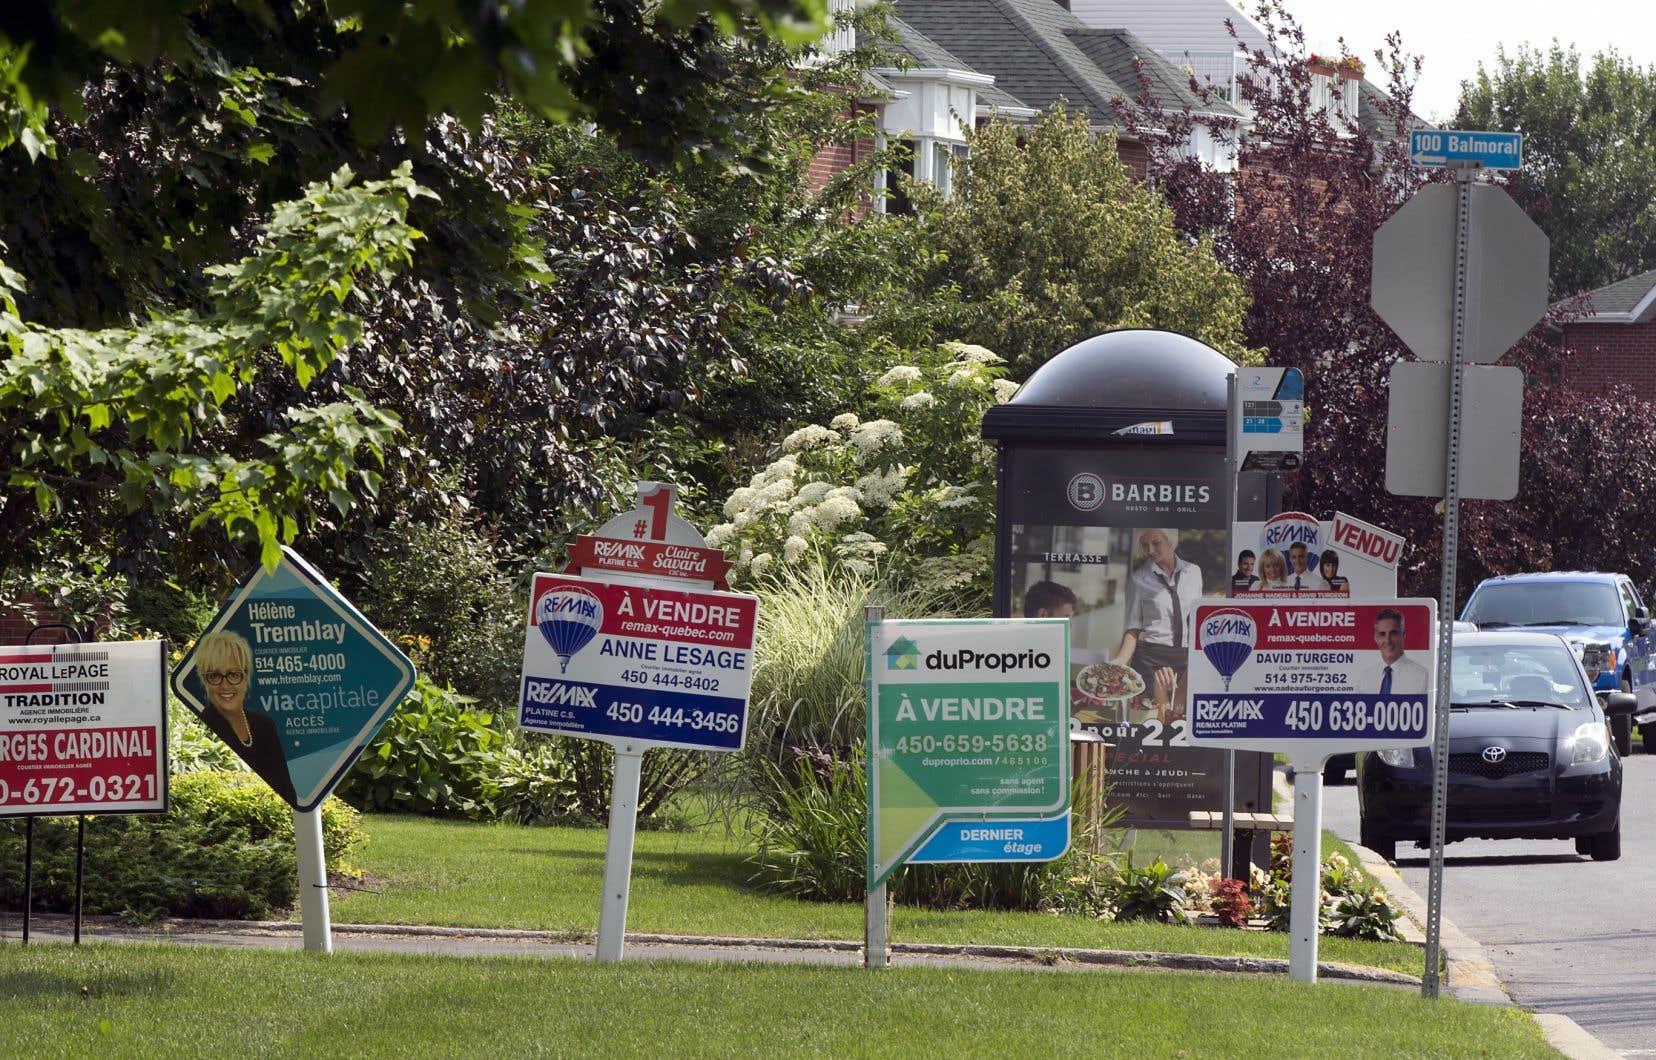 La Fédération des chambres immobilières du Québec (FCIQ) parle au nom de 13000 courtiers immobiliers qui se mobilisent alors que l'étude en commission parlementaire a repris mardi.